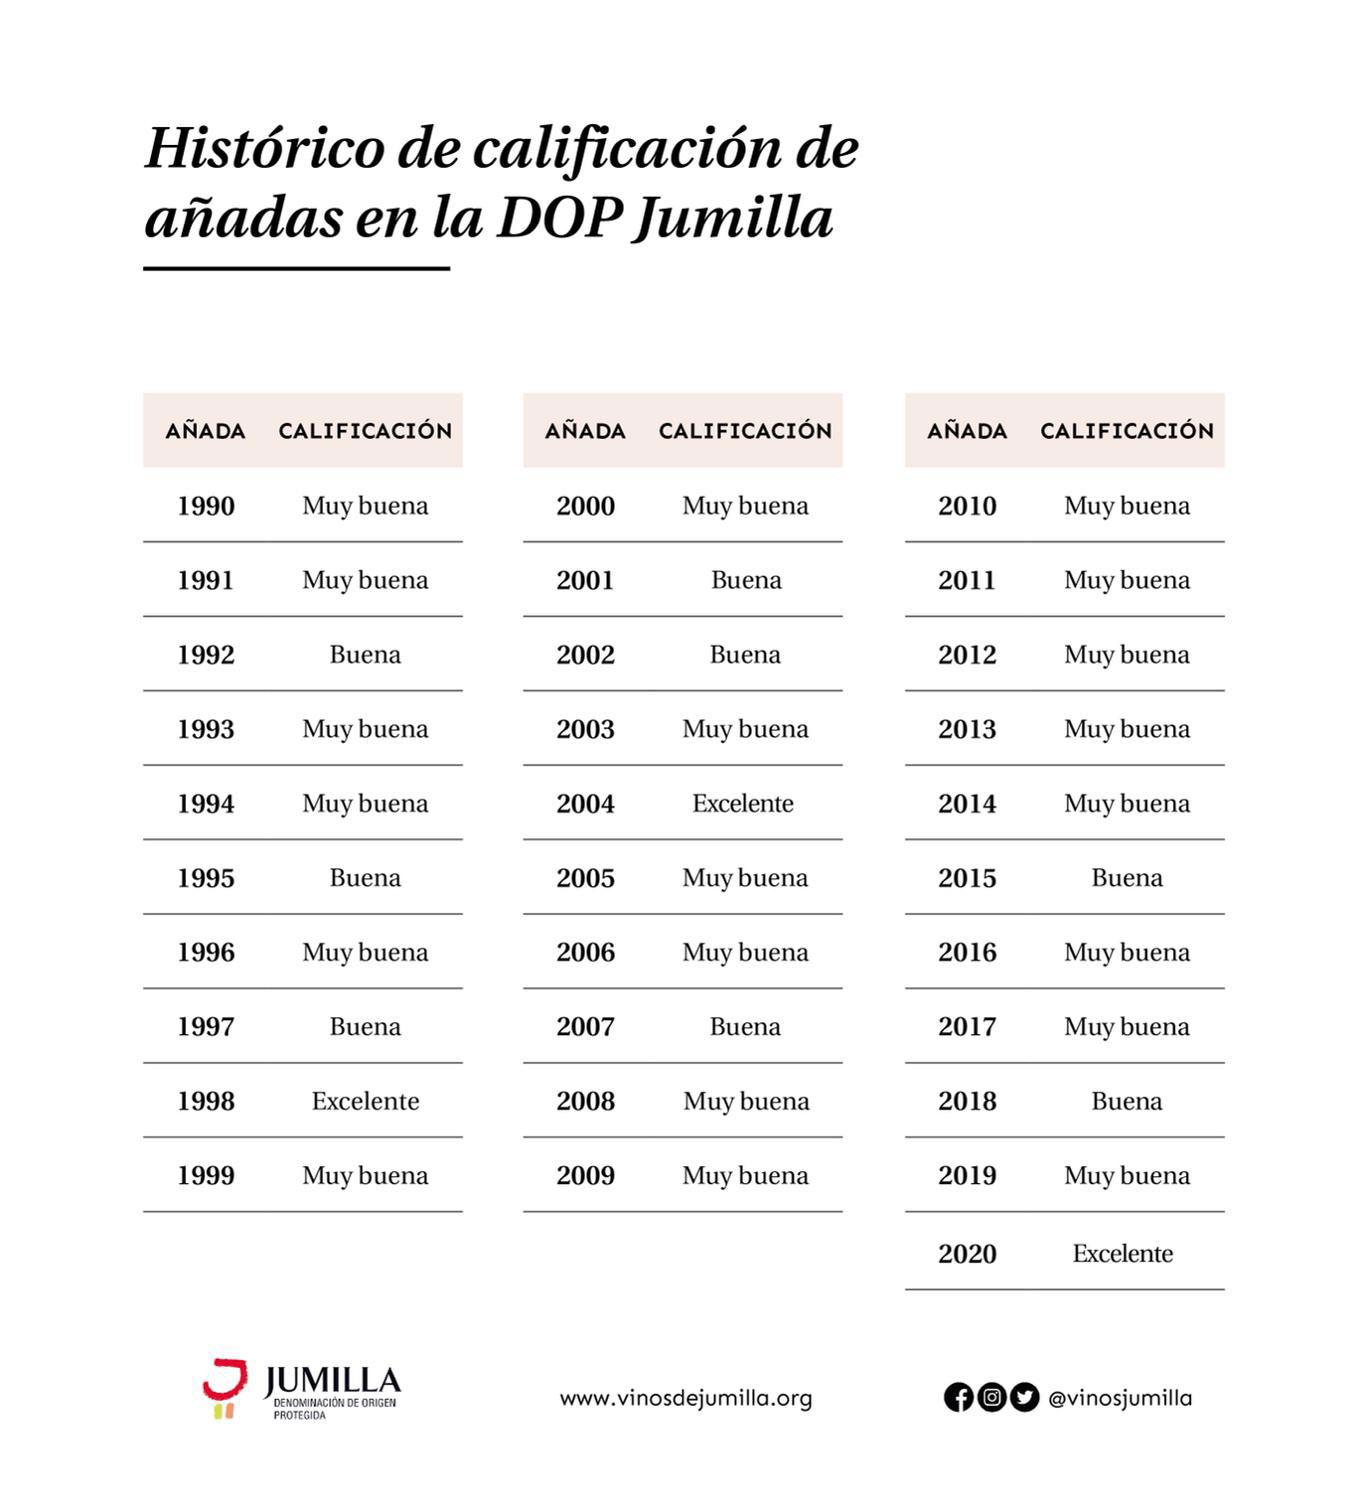 Histórico de calificación de añadas DOP Jumilla